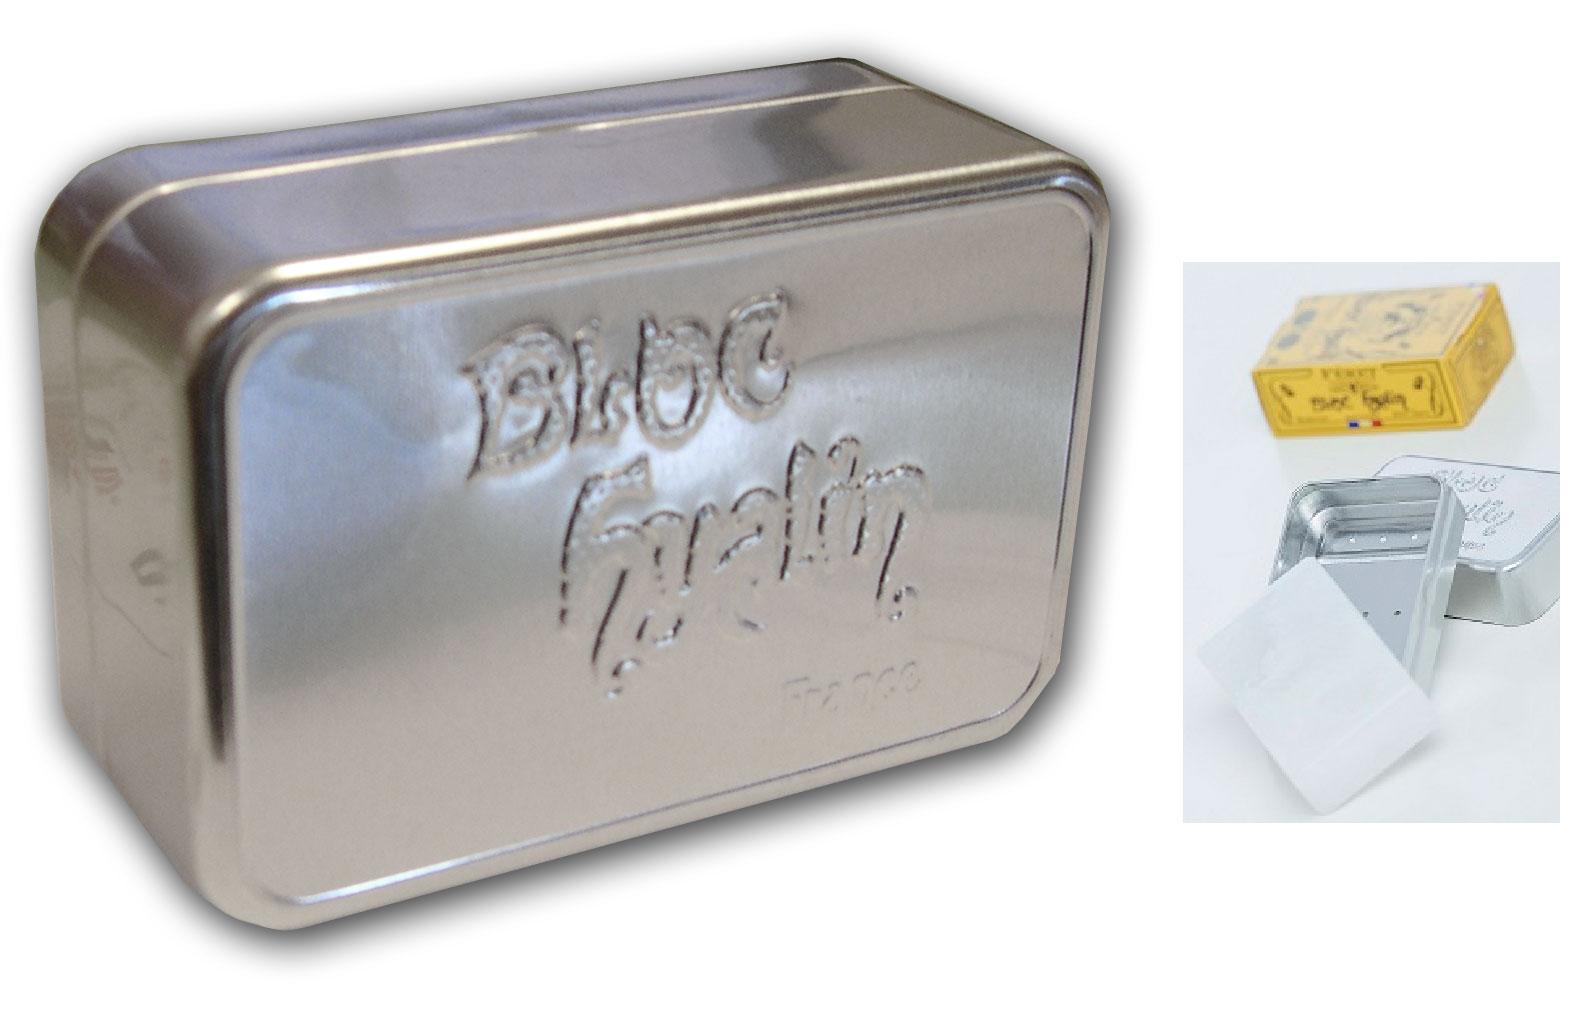 F ret parfumeur bo te metal pour bloc hyalin boutique bio for Boite a savon gifi